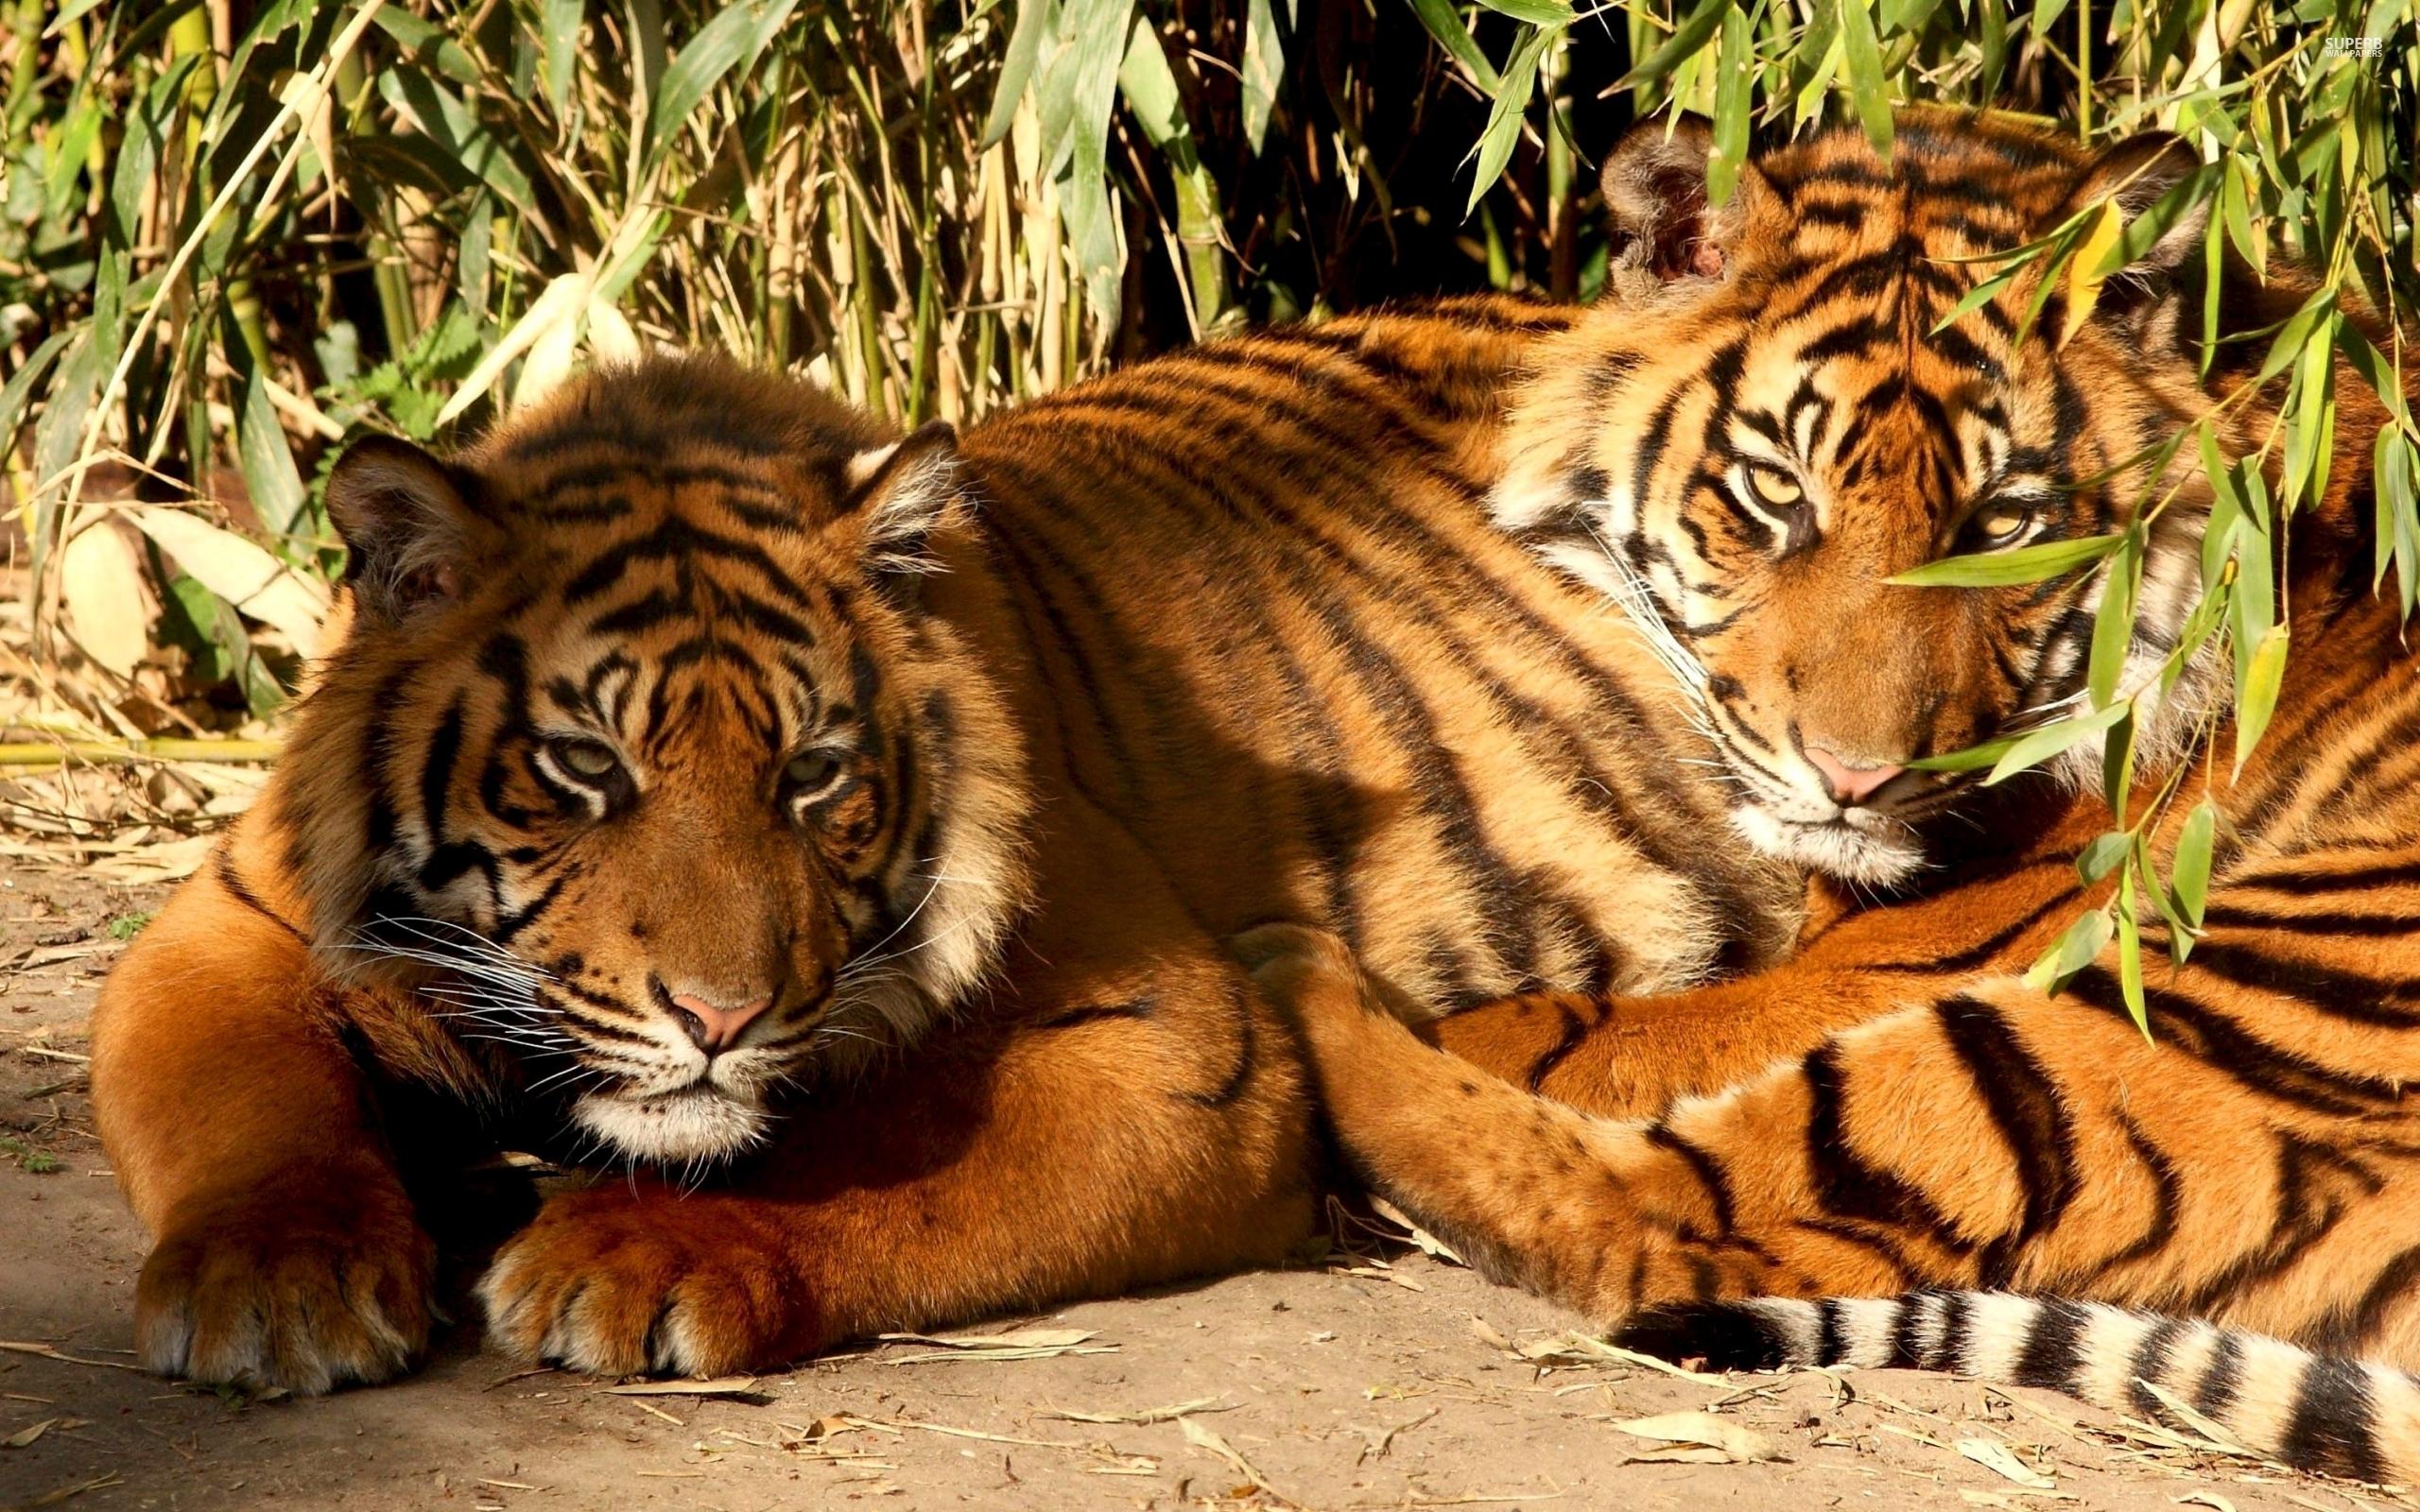 动物images 老虎 hd wallpaper and background photos